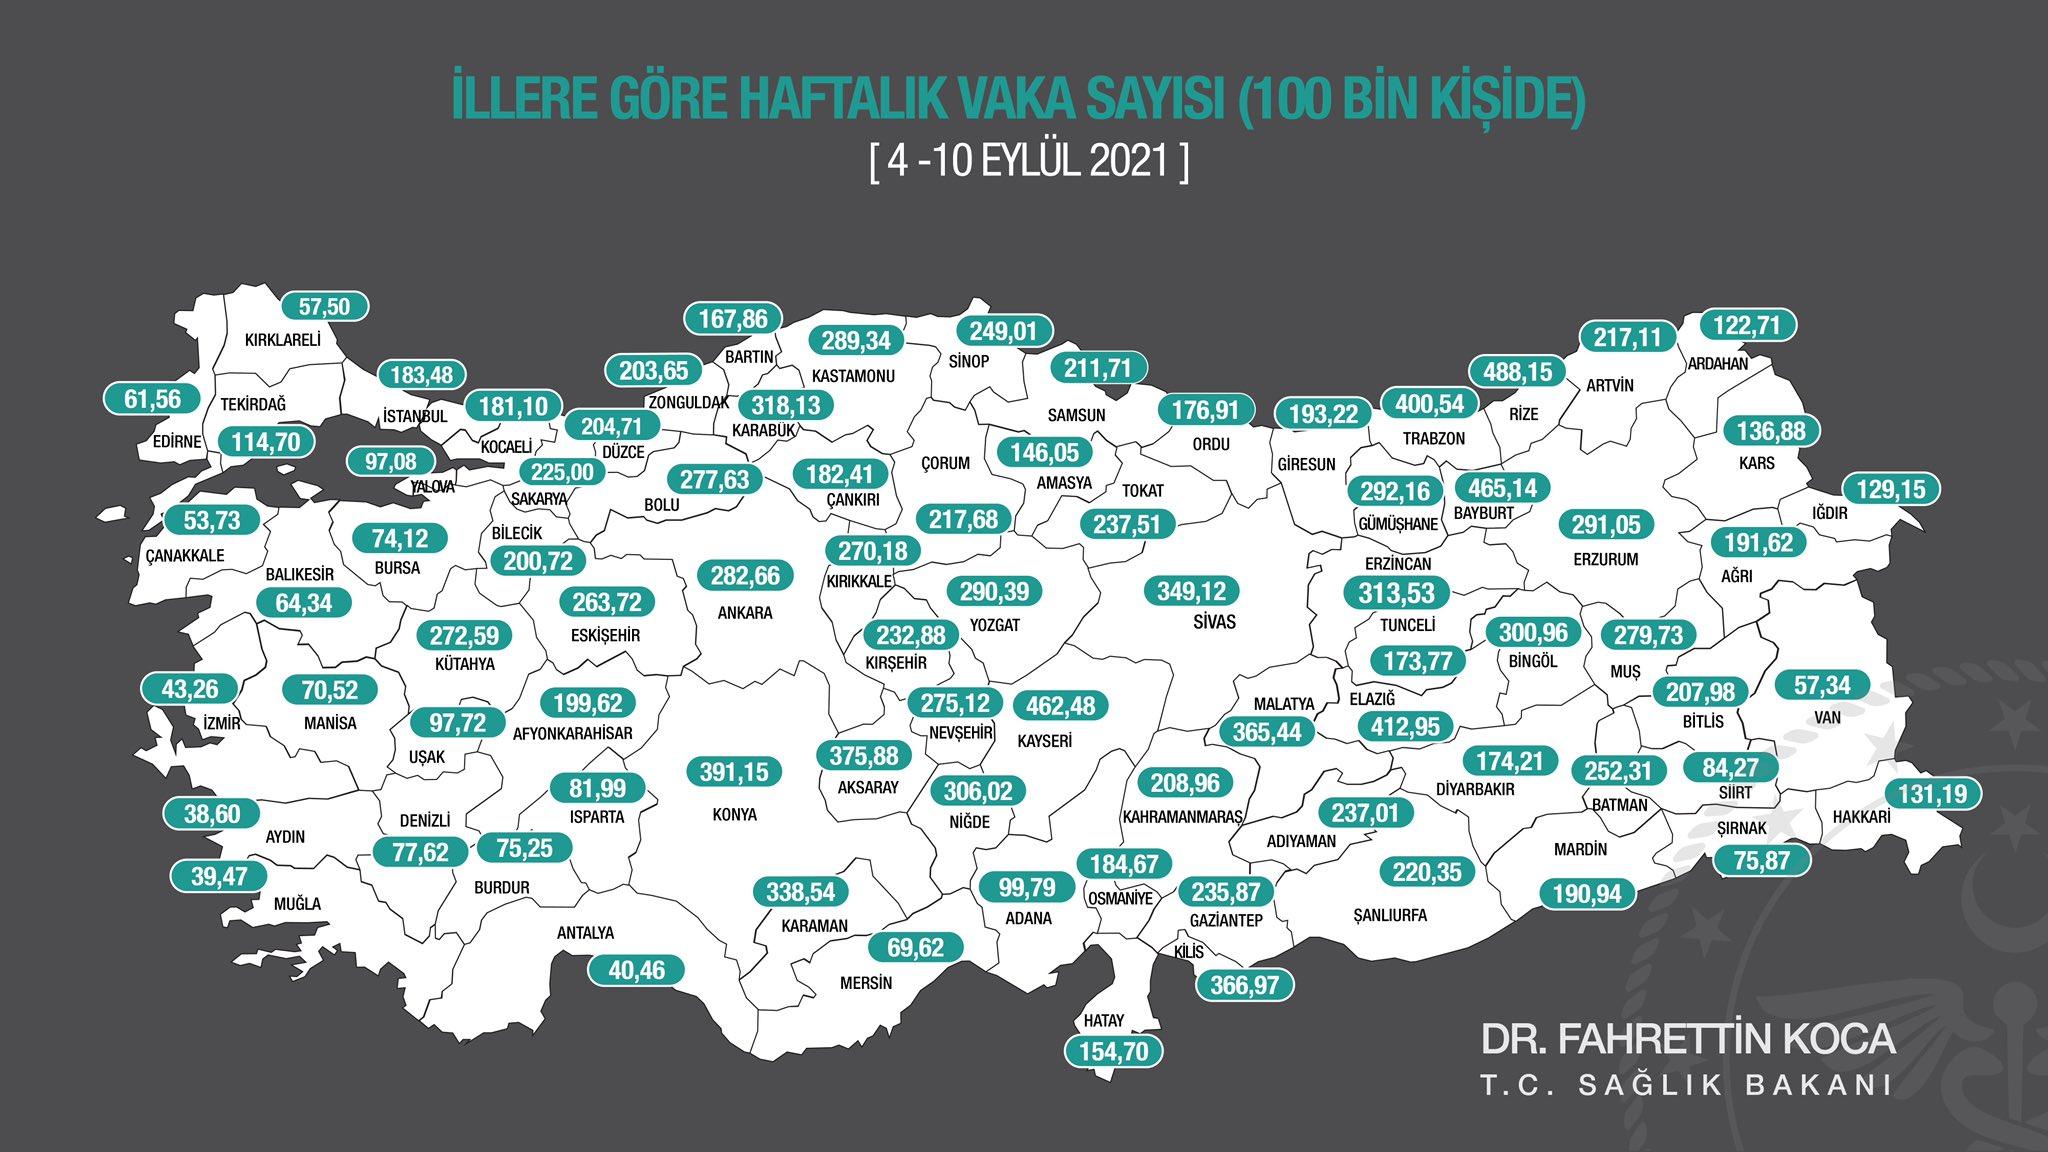 SON DAKİKA! Sağlık Bakanı Fahrettin Koca, illere göre haftalık vaka sayılarını açıkladı!